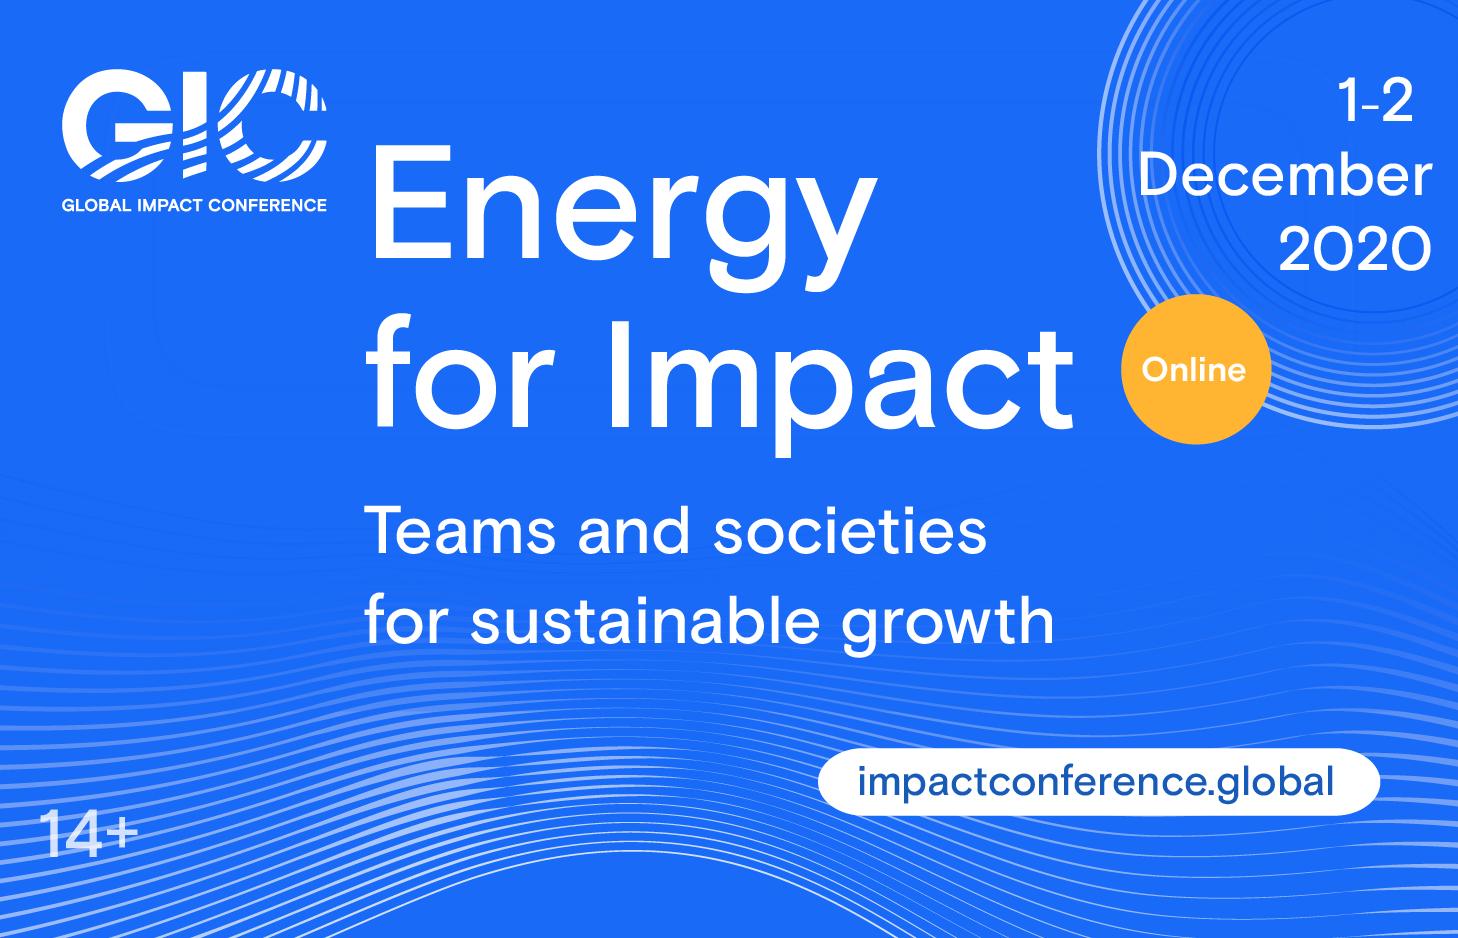 jaderná energie - Mezinárodní lídři budou diskutovat o plnění cílů udržitelného rozvoje na konferenci Global Impact - Ve světě (title en) 2